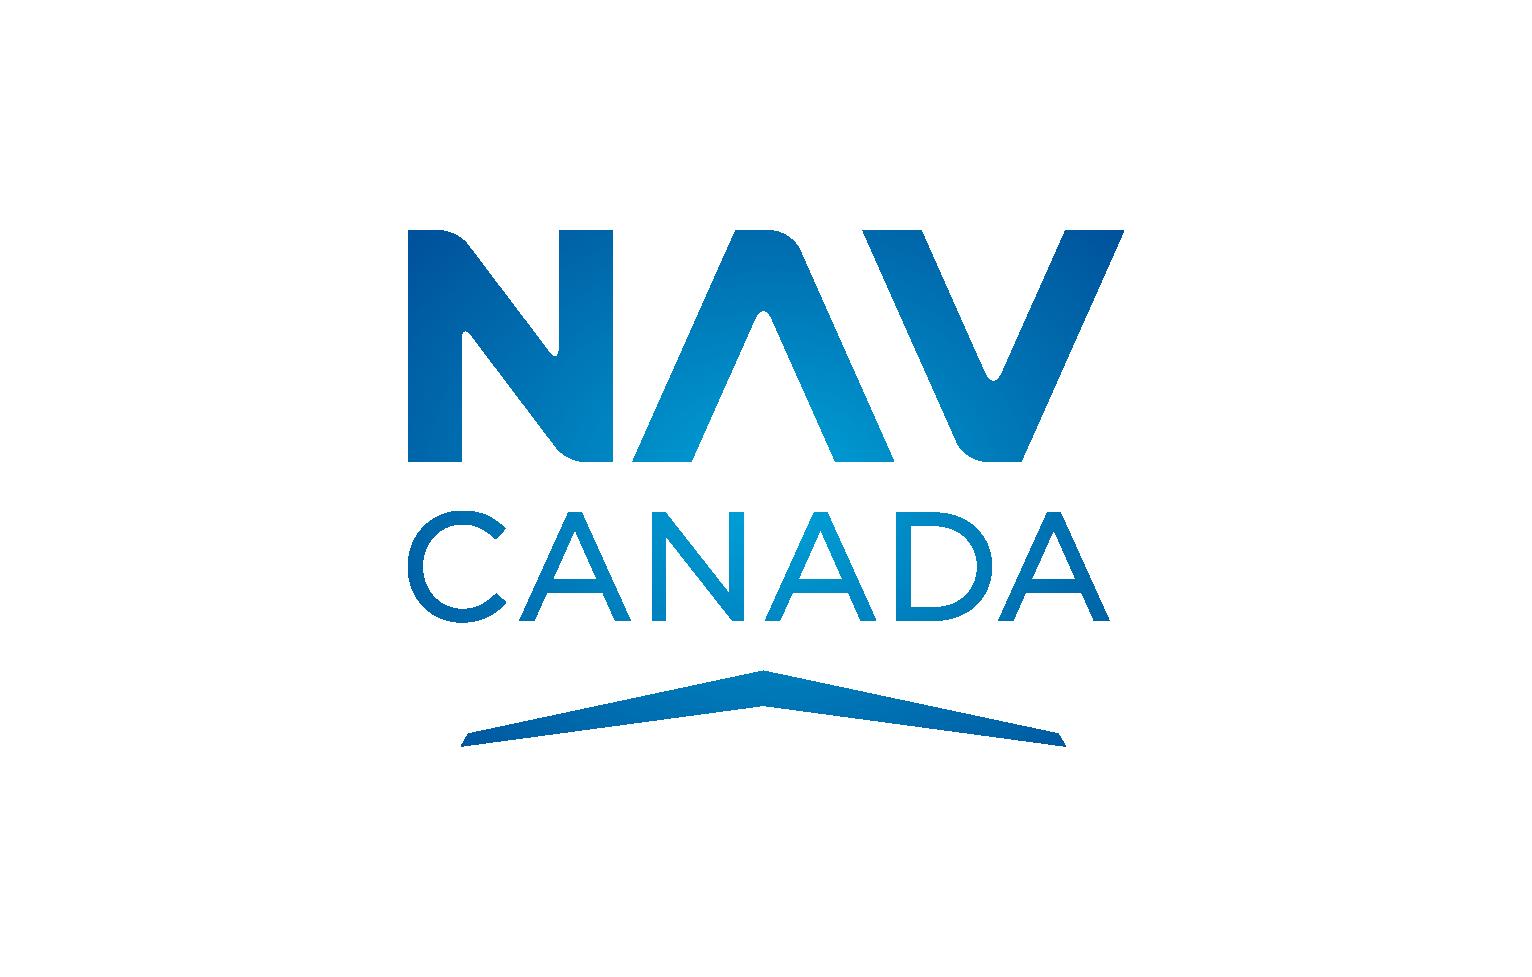 NAV CANADA (logo)